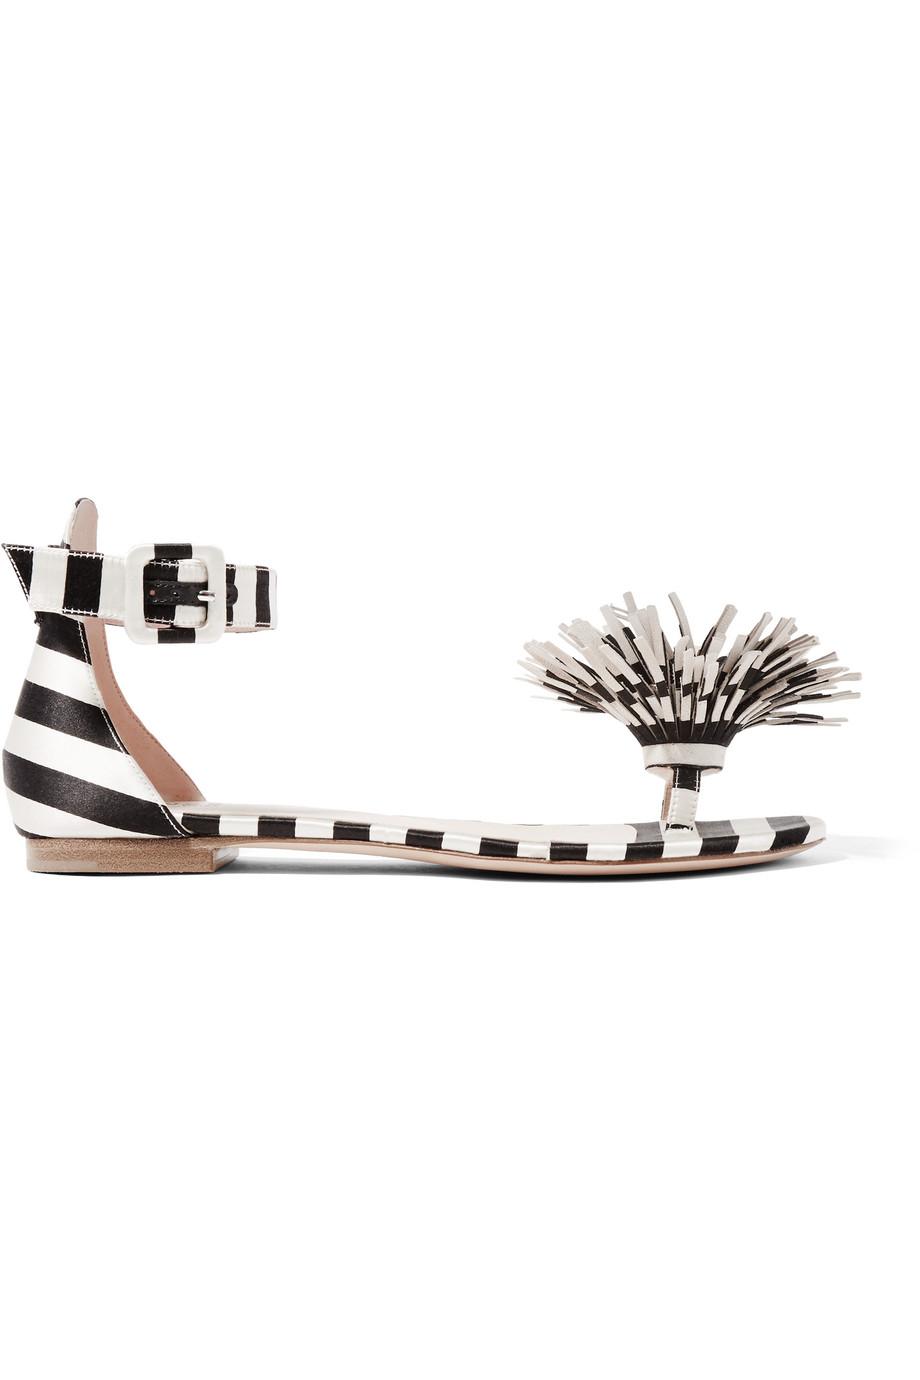 + Mariela Montiel Striped Duchesse-Satin Sandals, Black/Cream, Women's US Size: 3.5, Size: 34